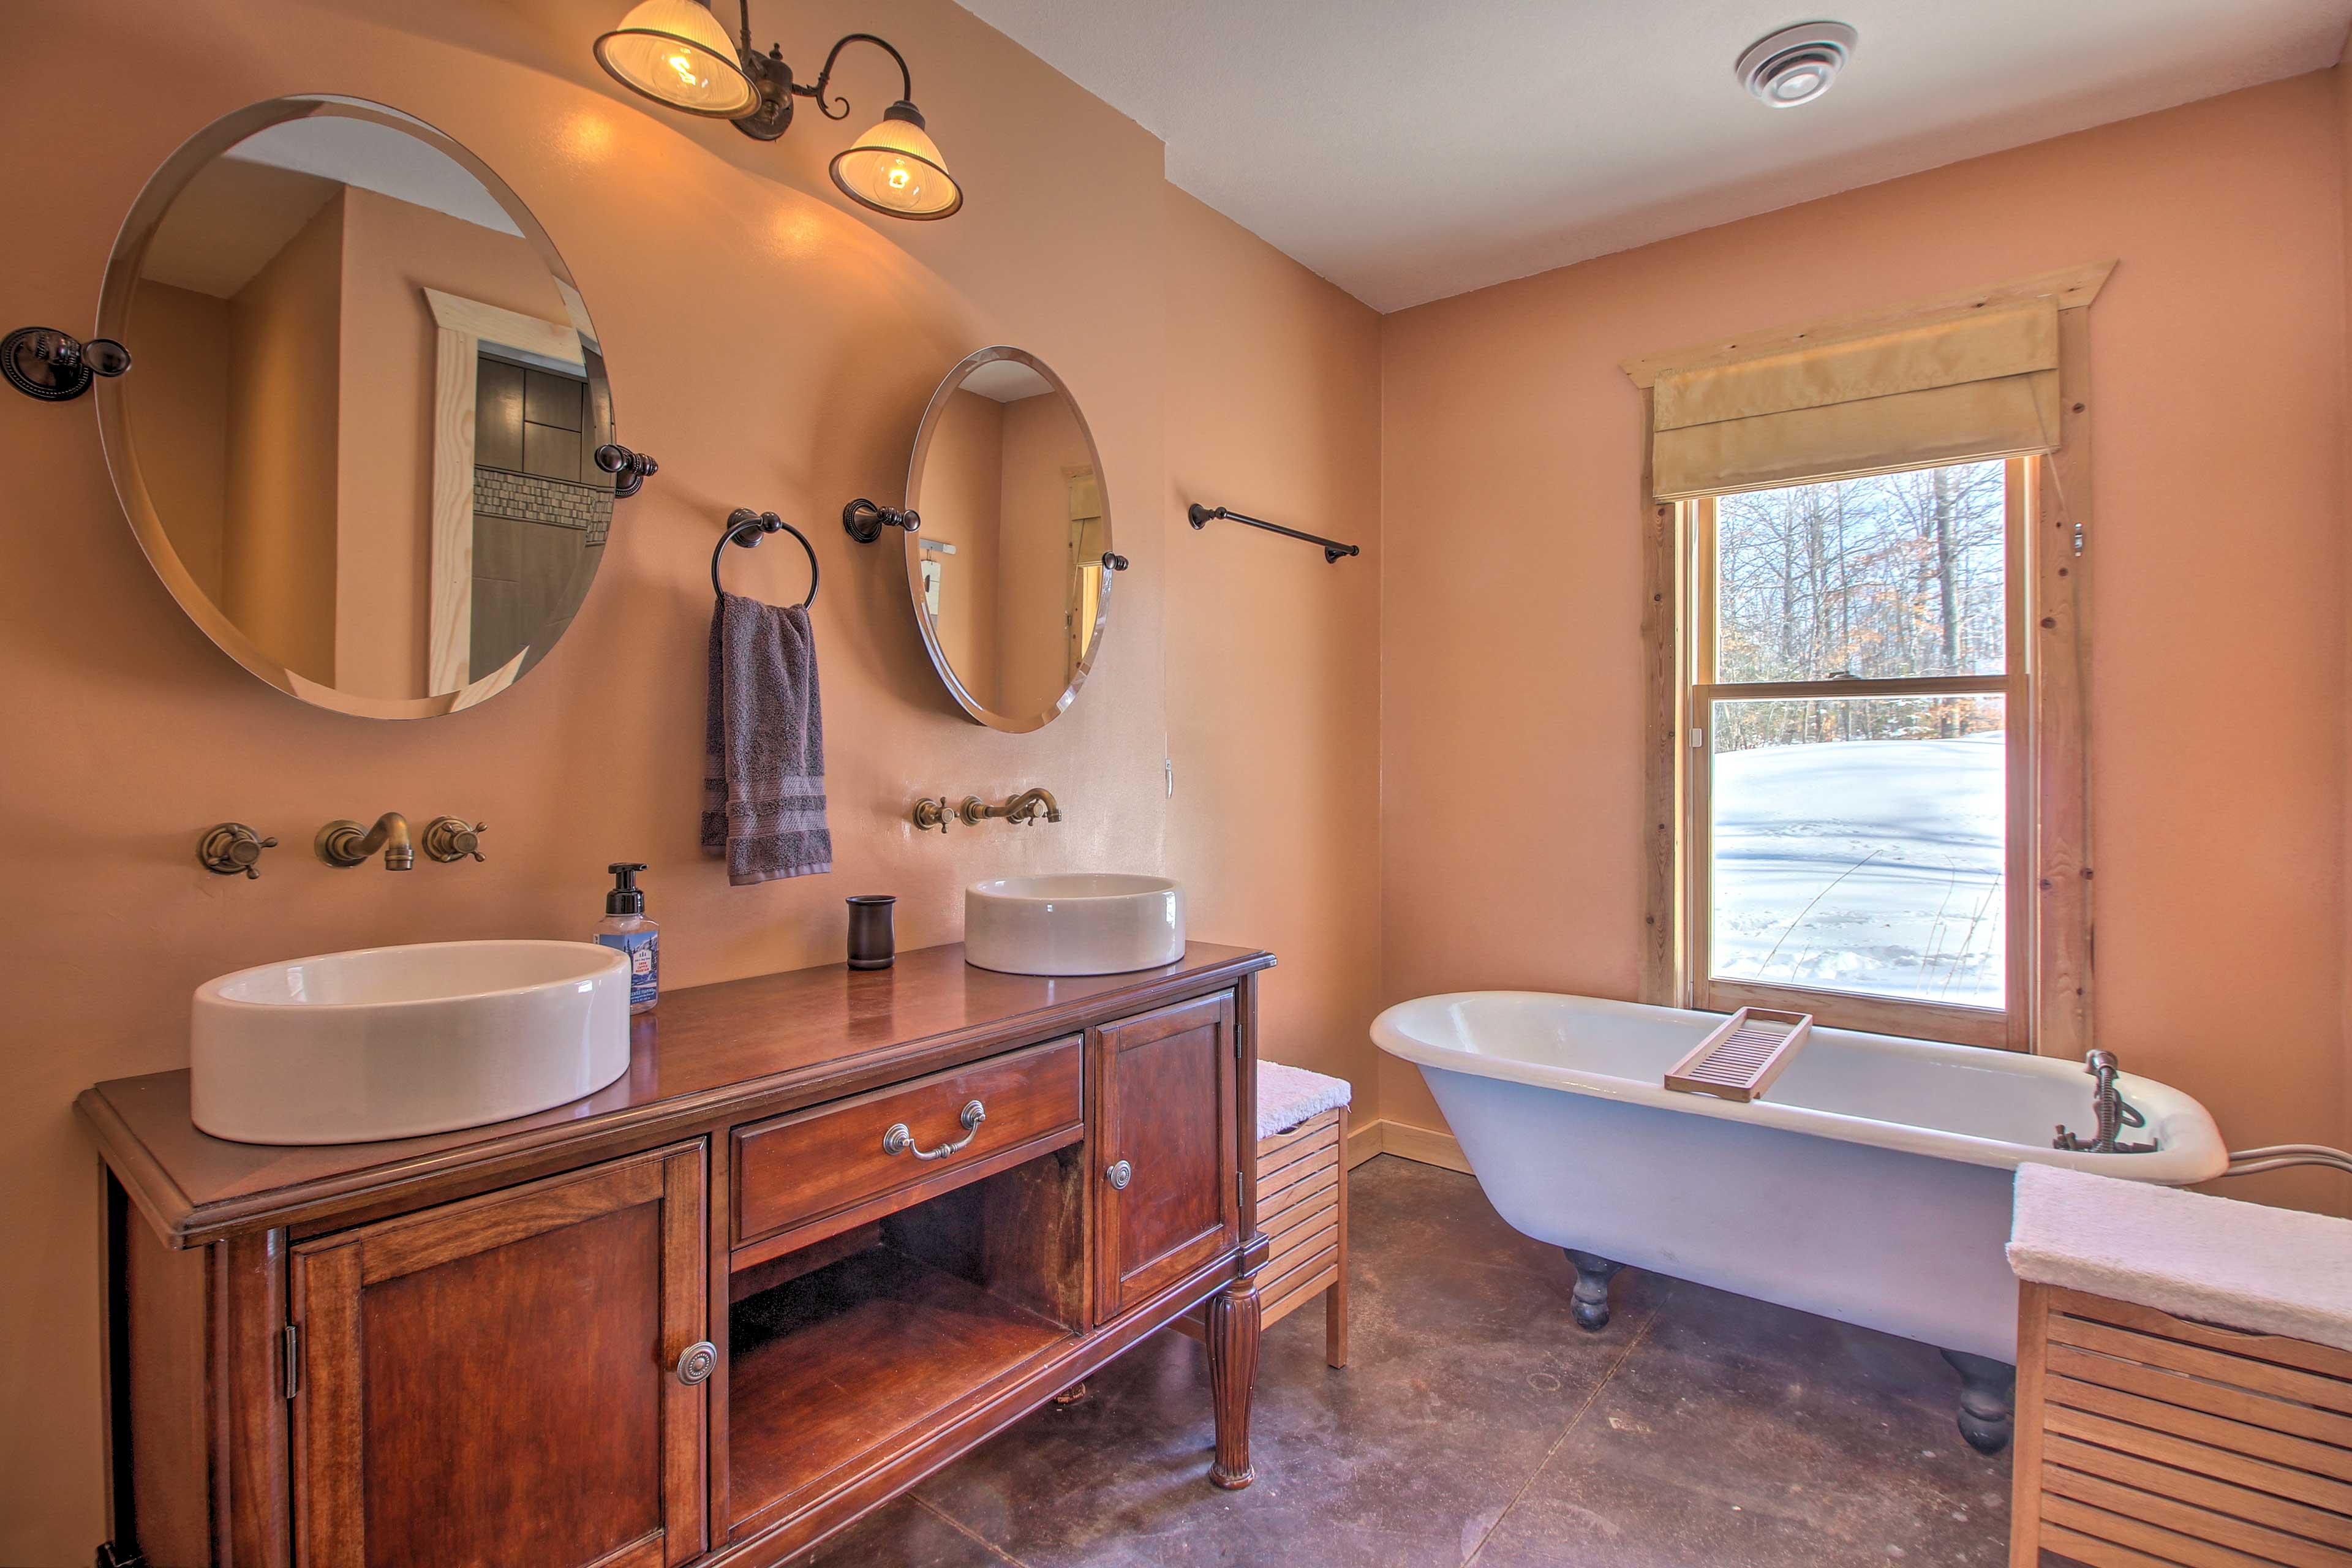 The master bedroom features an elegant en-suite bathroom.